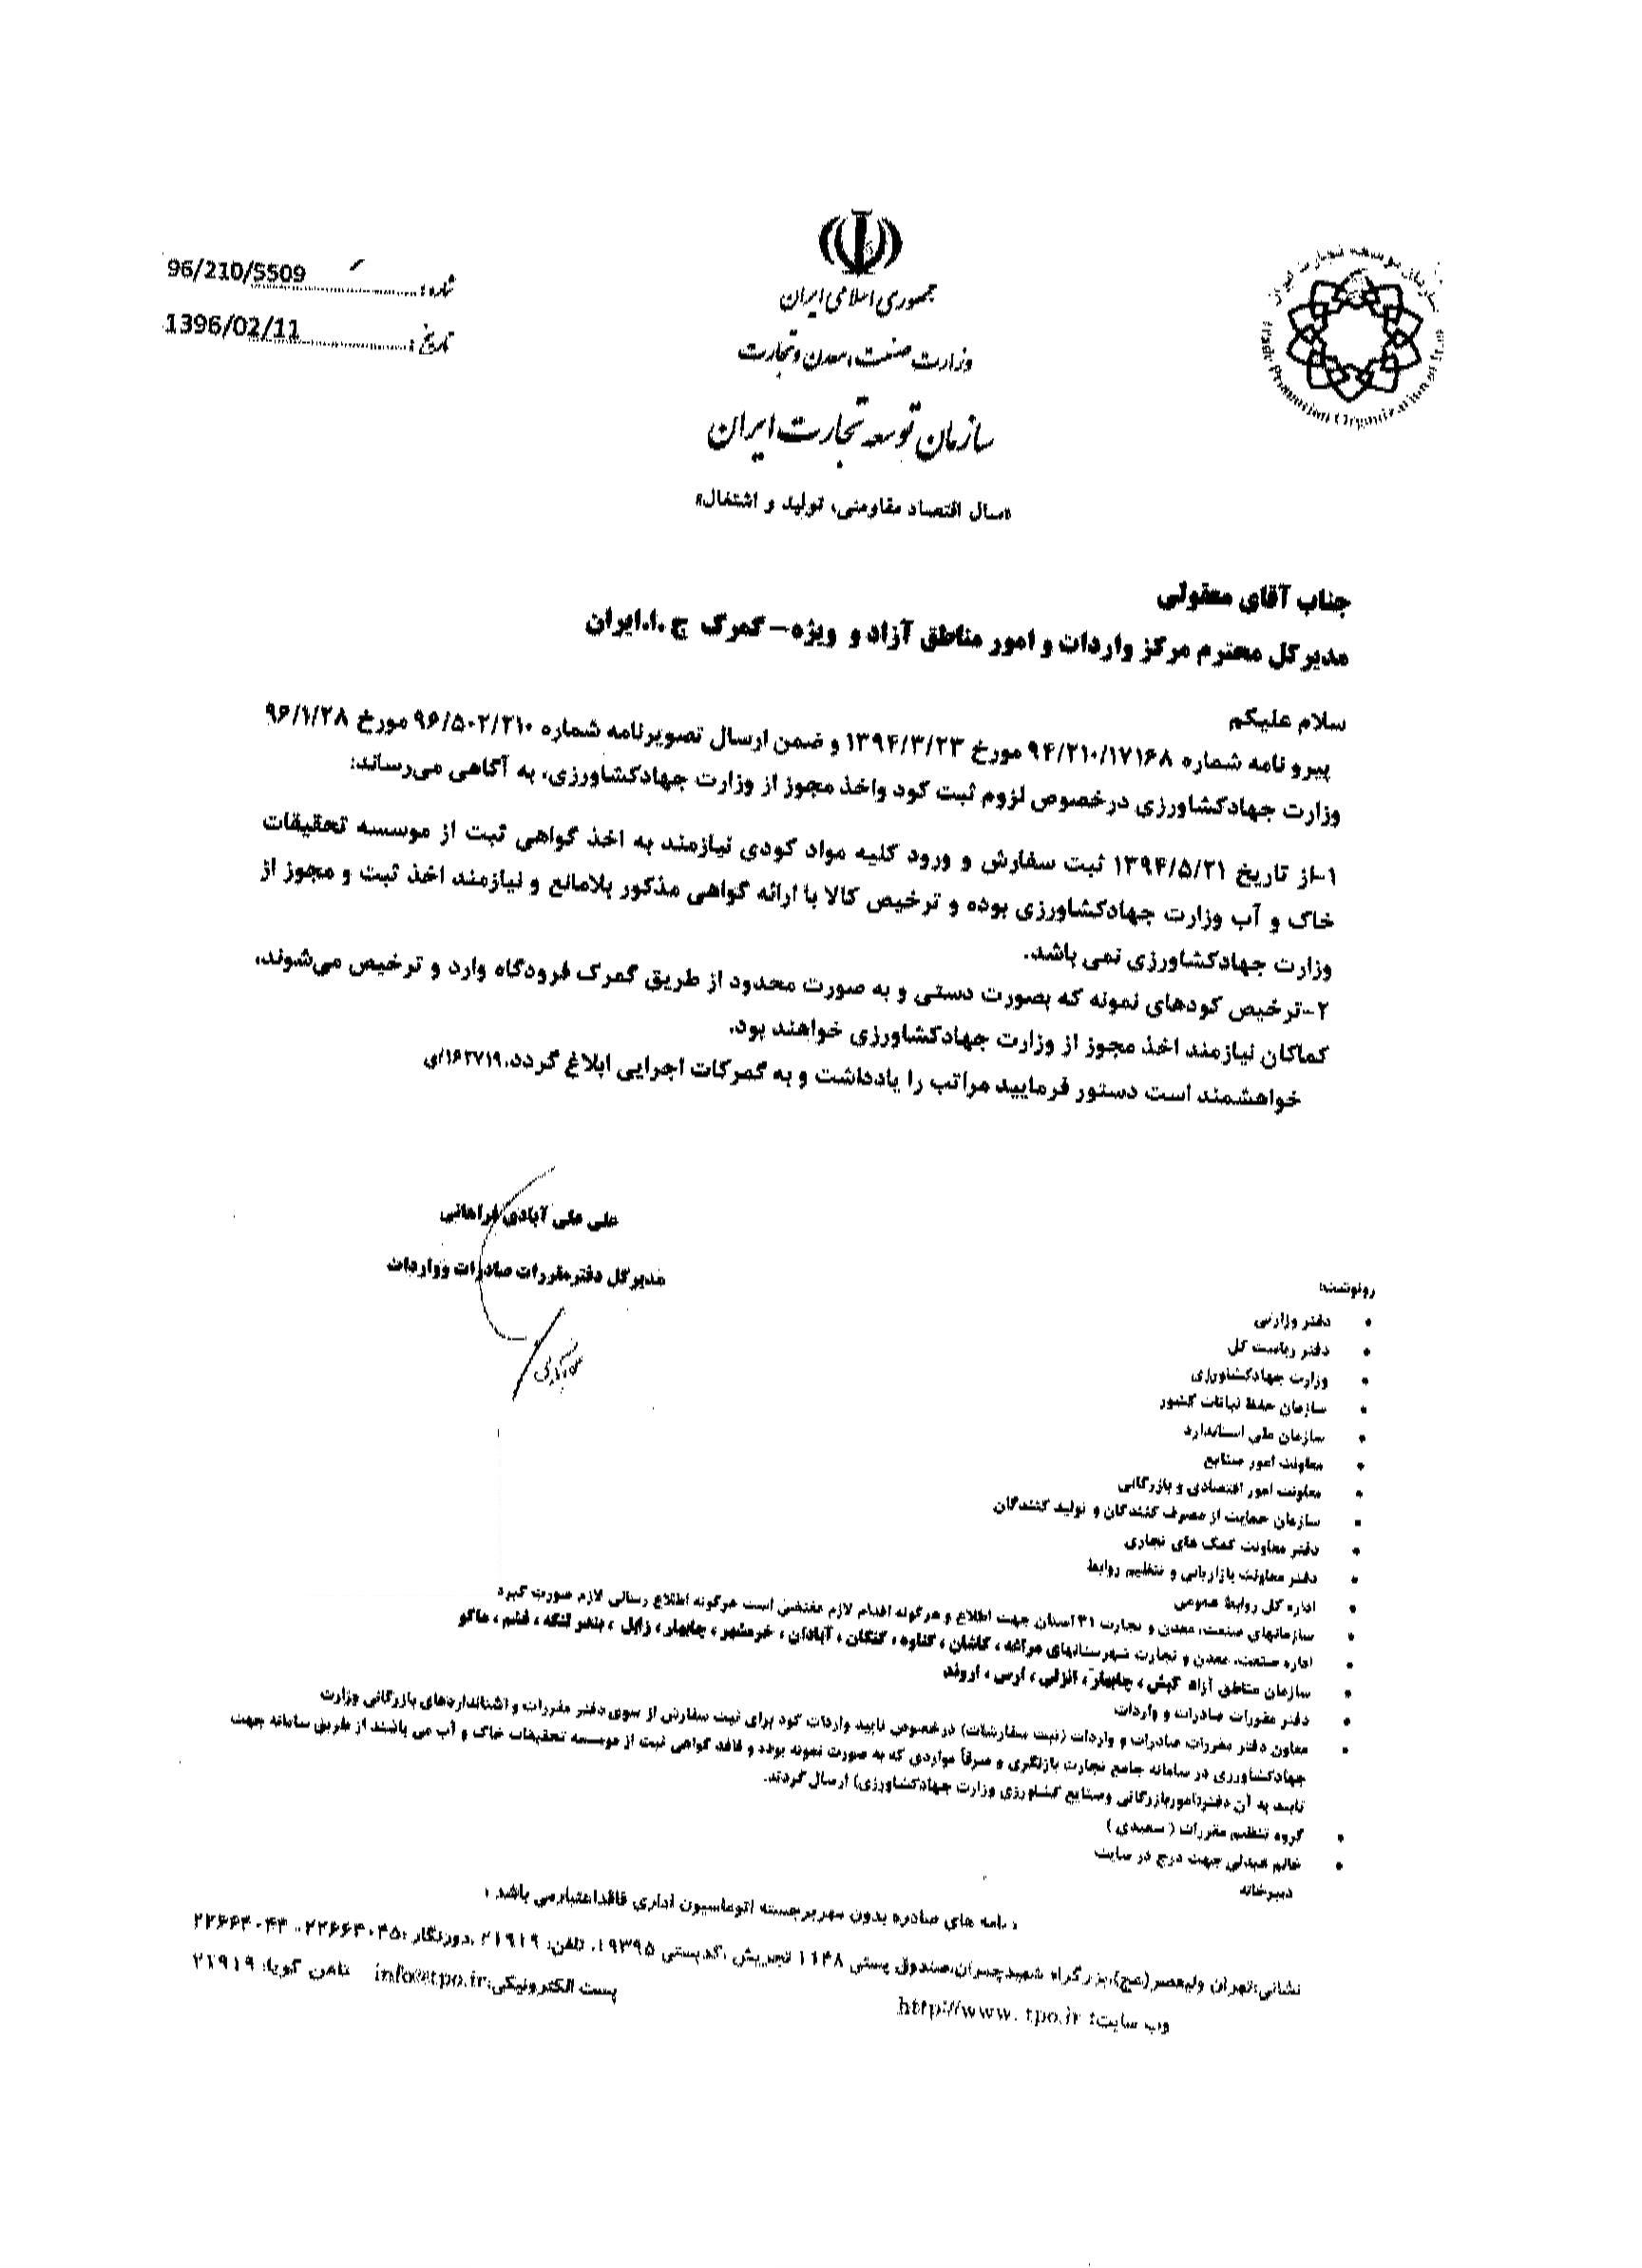 قوانین و مقررات ورود کود و اخذ مجوز از وزارت جهاد کشاورزی